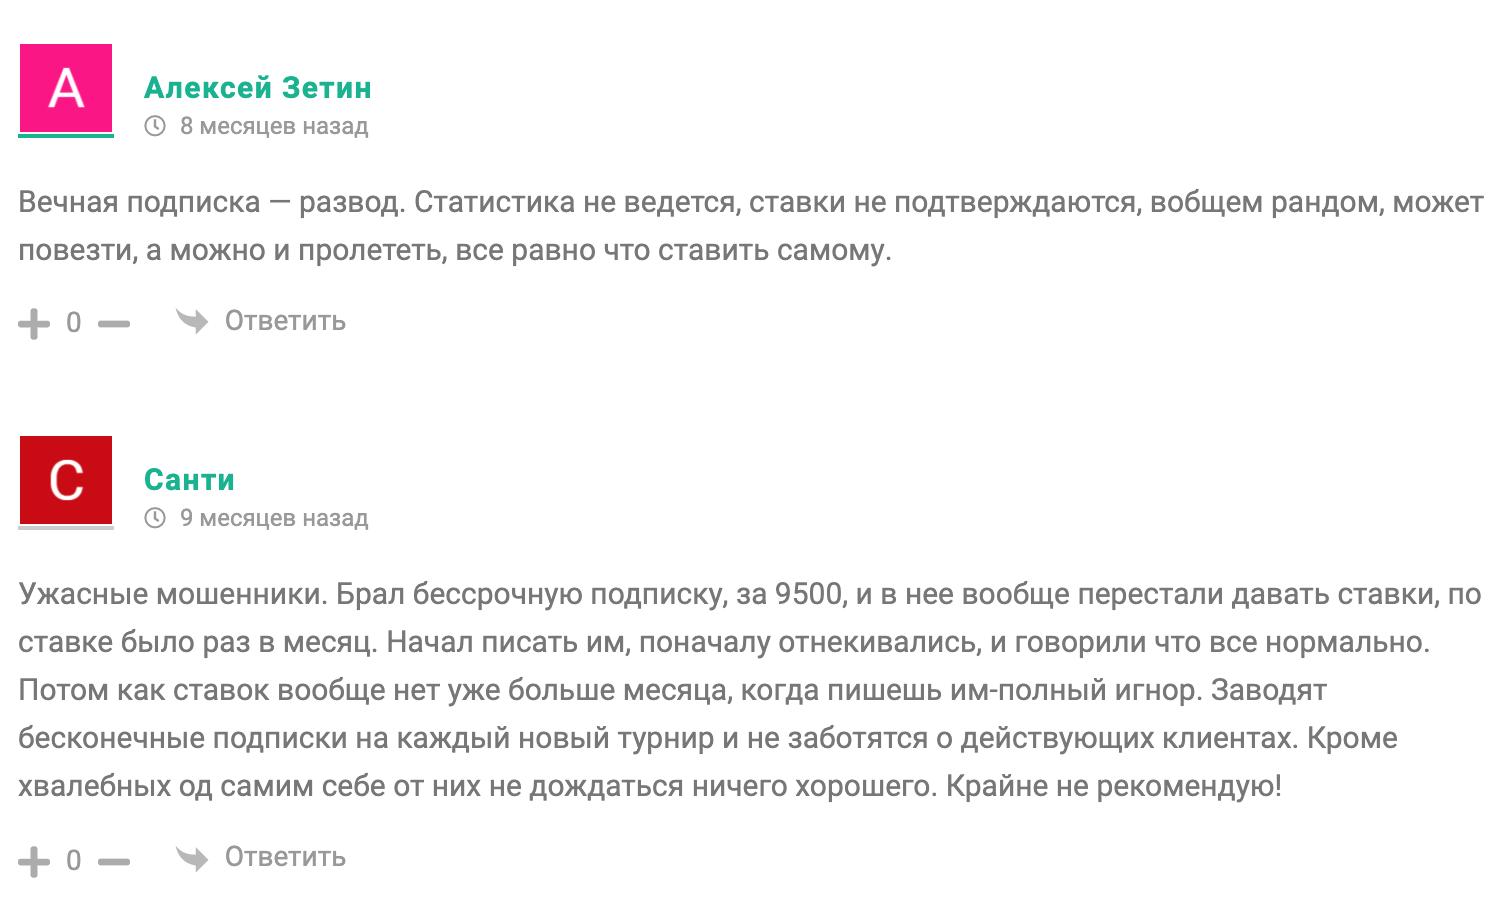 Отзывы о телеграм канале Центр теннисной аналитики